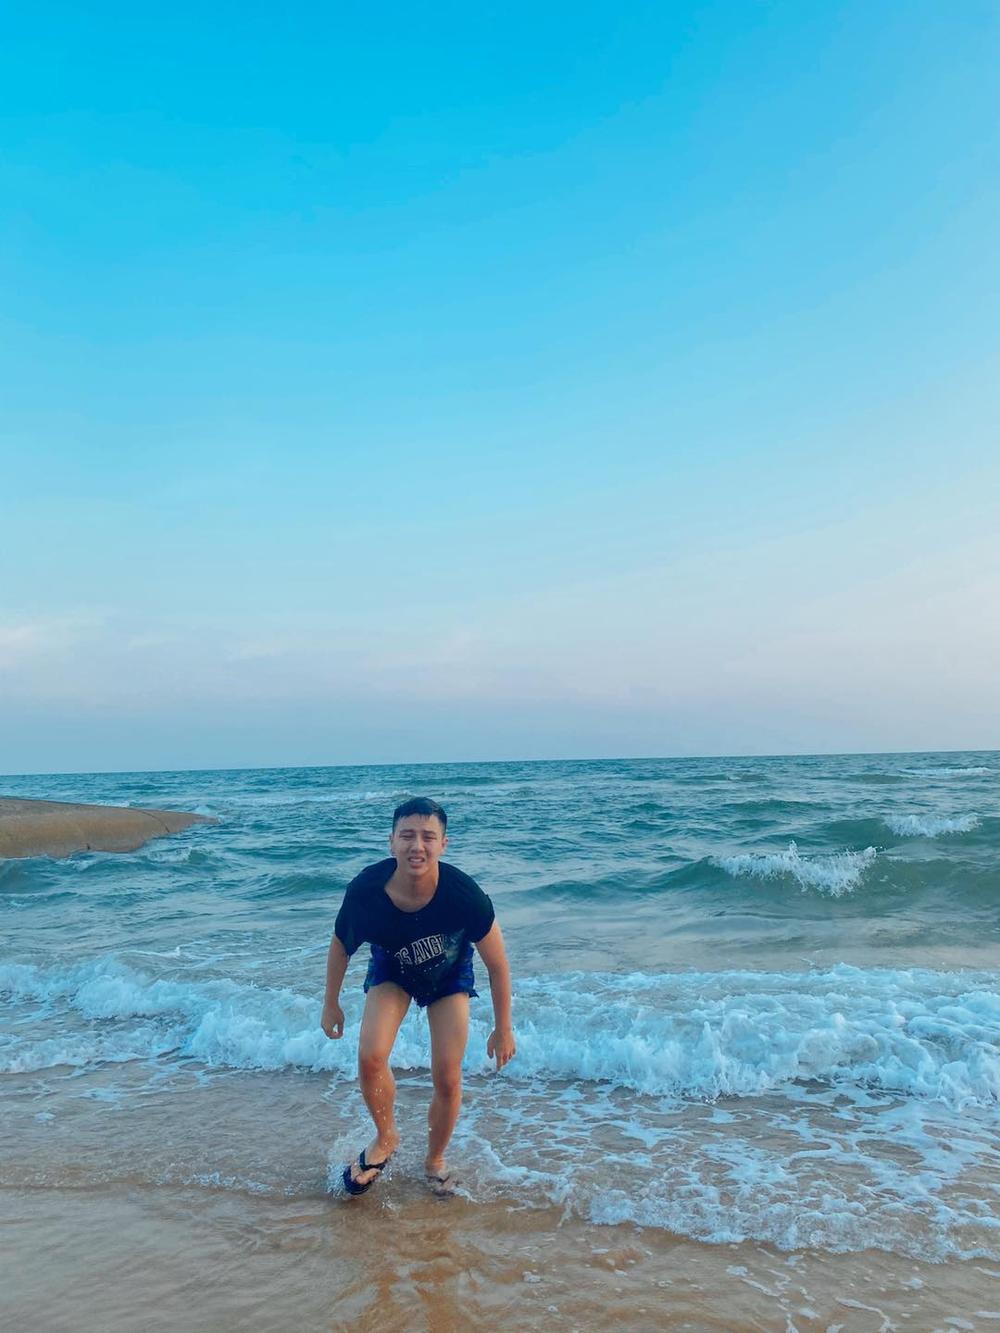 Bắt chước khoảnh khắc soái ca, Duy Khánh bất ngờ cho ra bộ sưu tập ảnh 'đuối nước' Ảnh 8